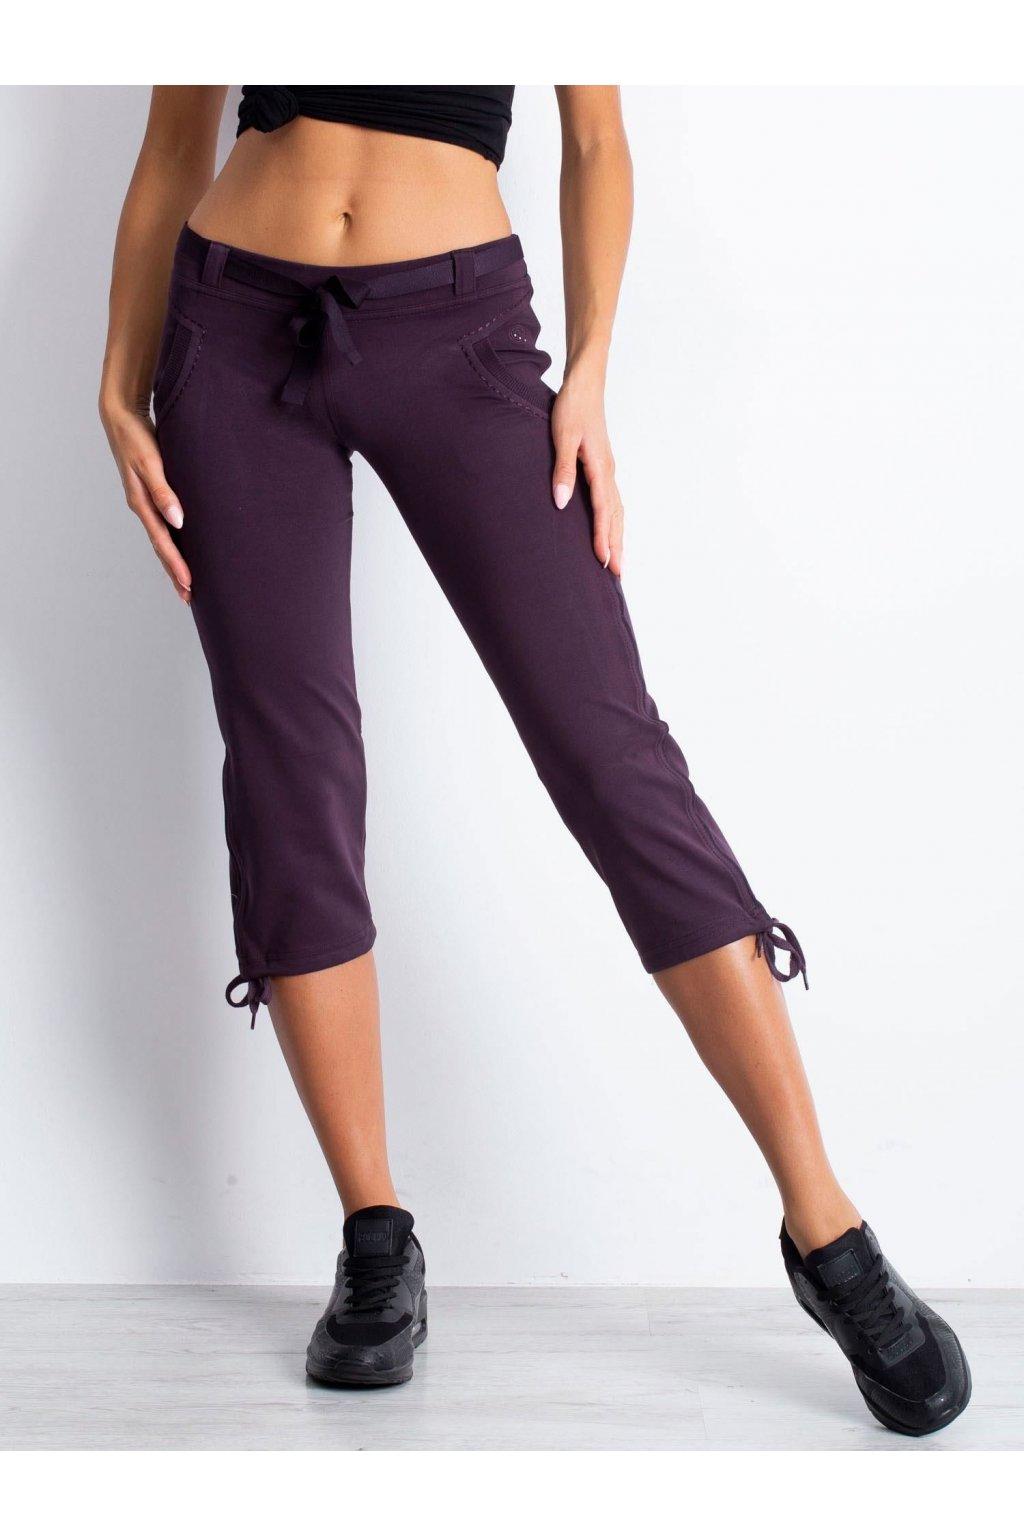 Tmavo fialové capri tepláky nad kolená . kód 10-1131-TI